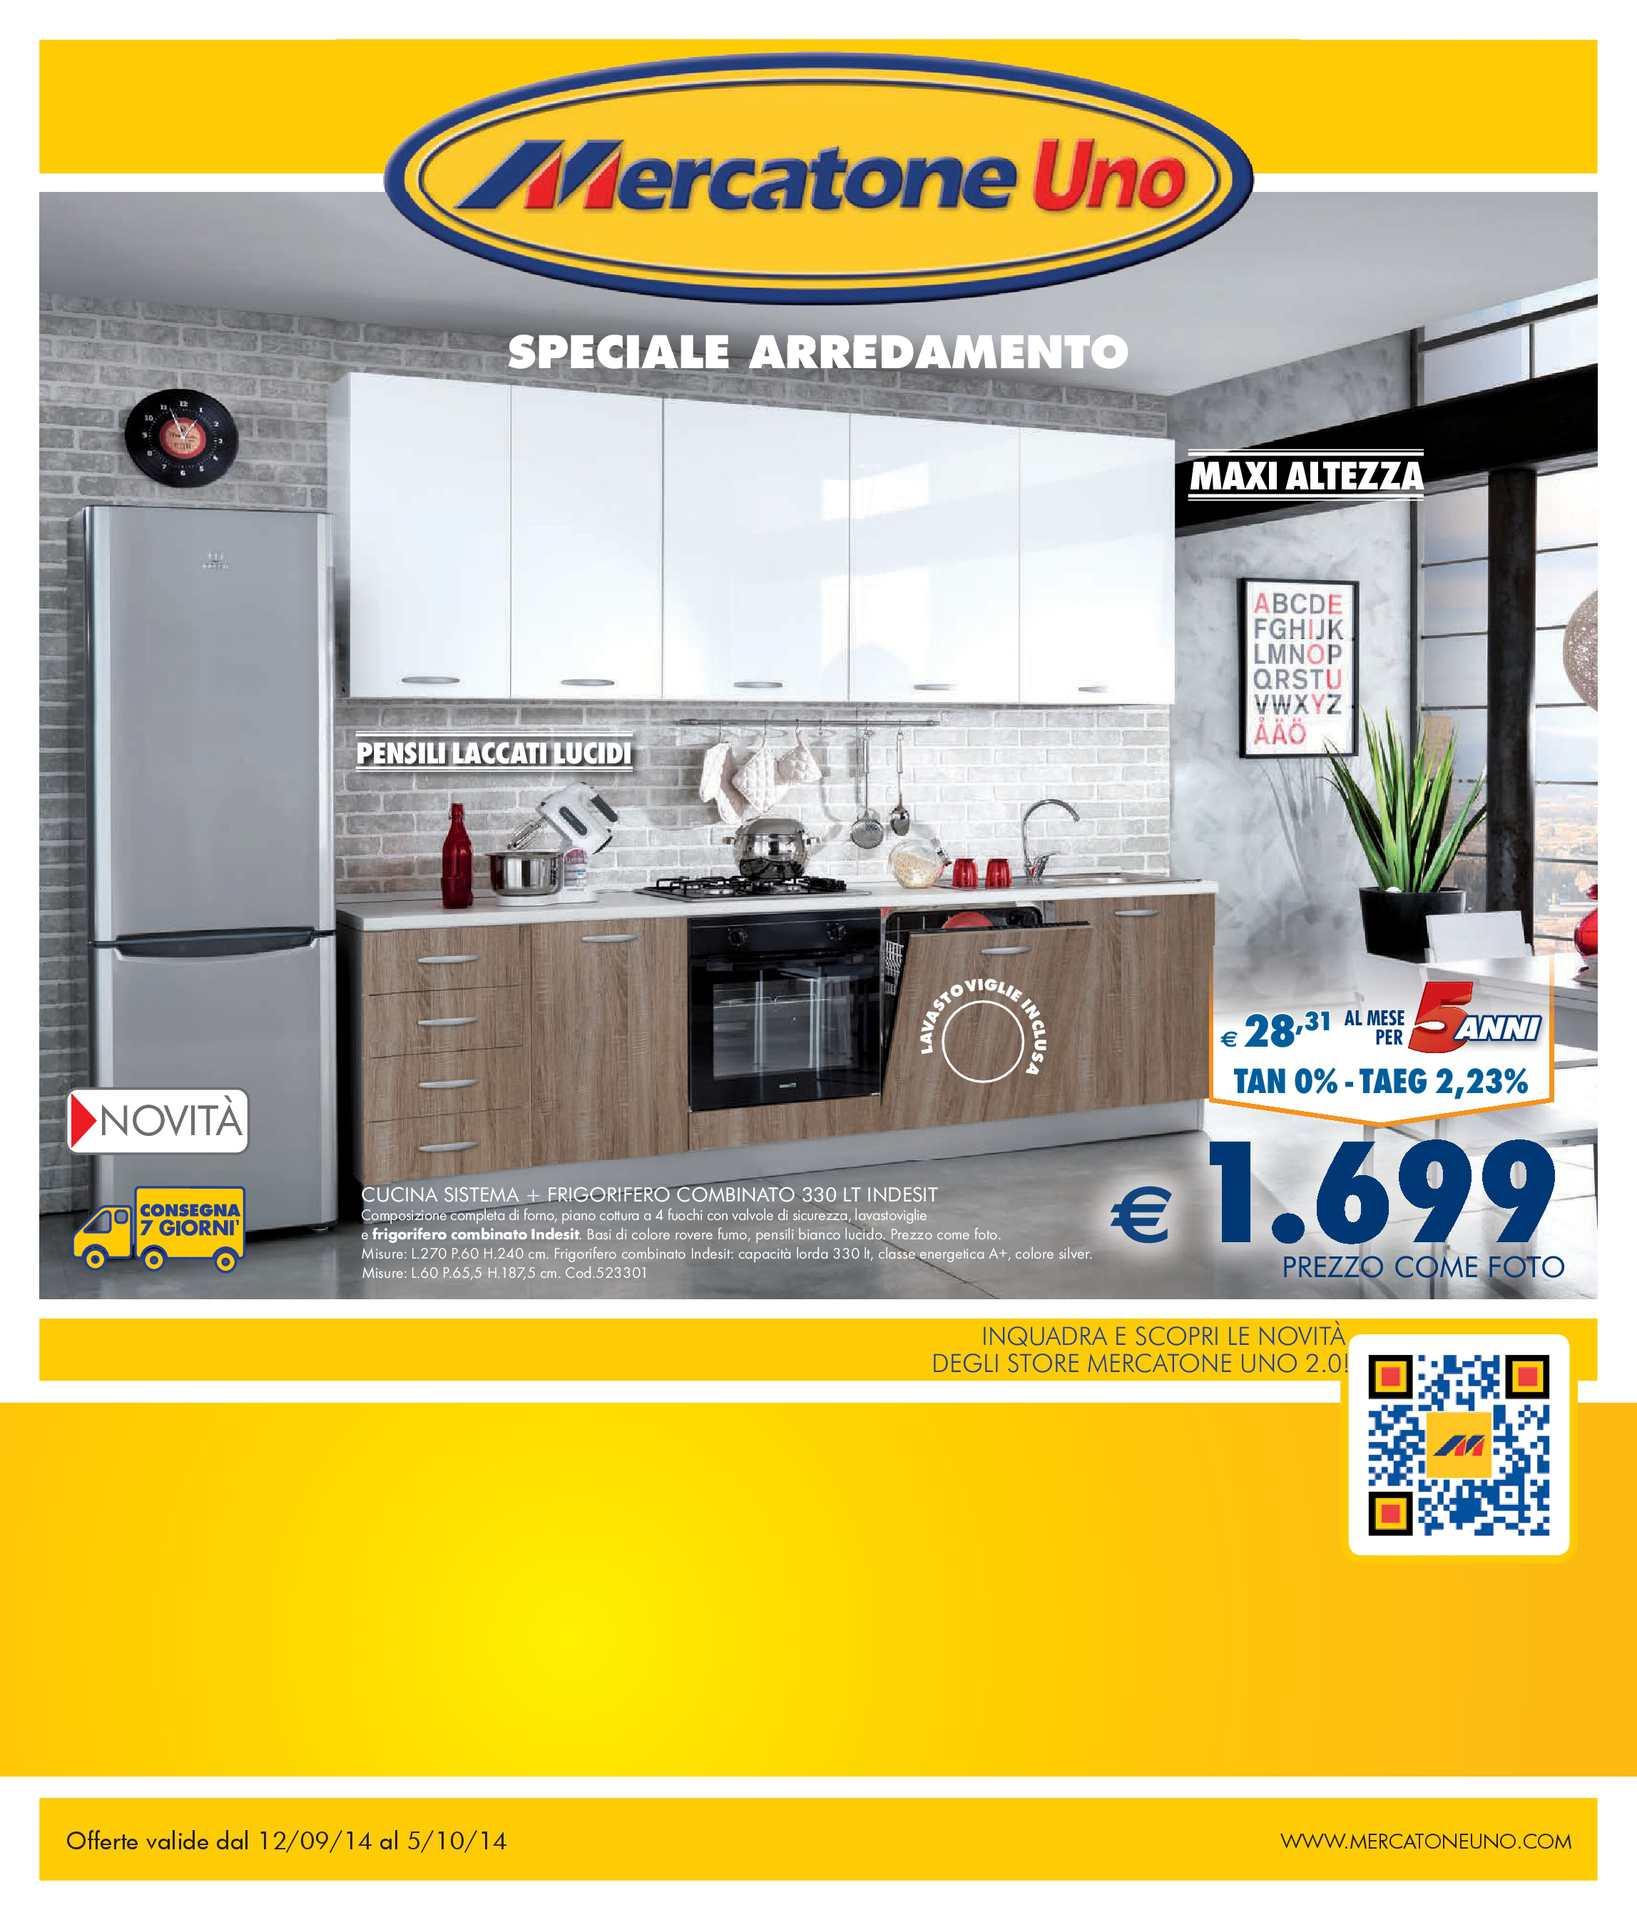 Calaméo - Volantino Mercatone Uno dal 12 settembre al 5 ottobre 2014